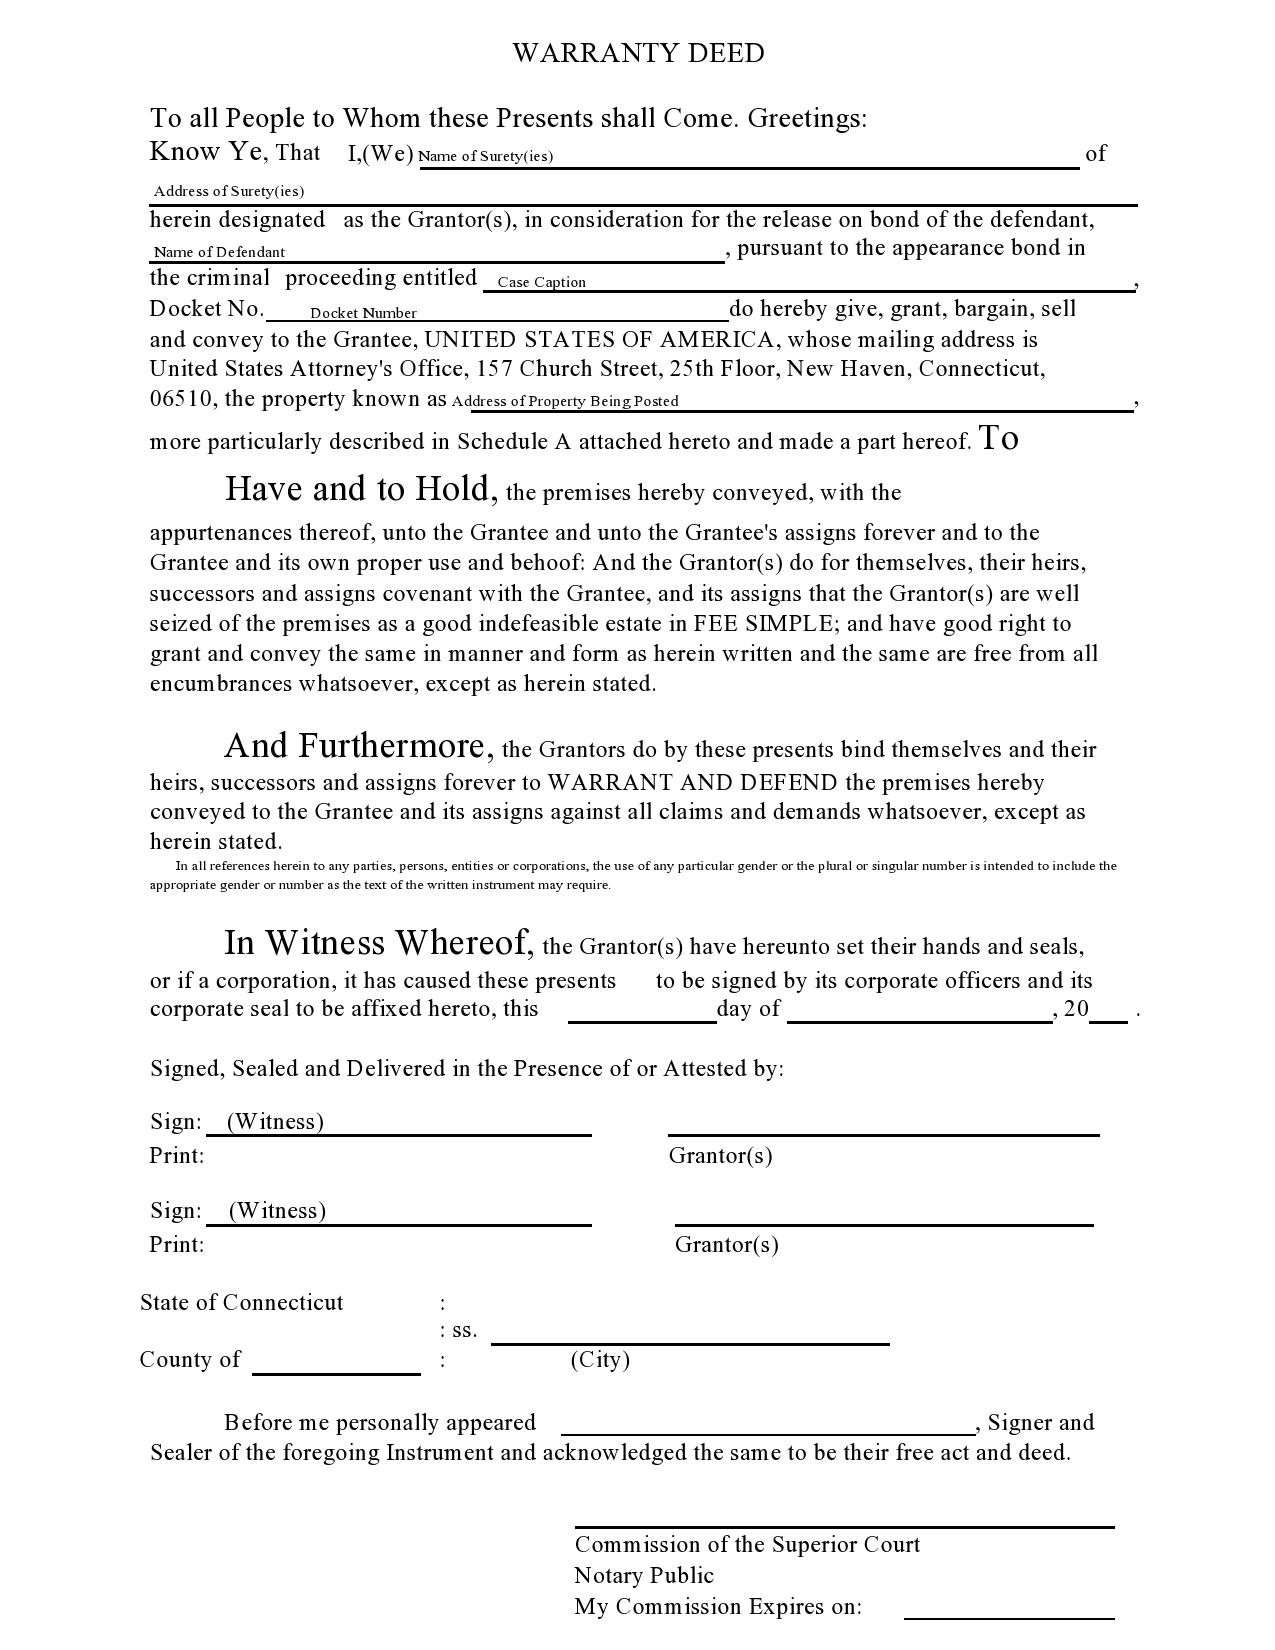 Free warranty deed form 17